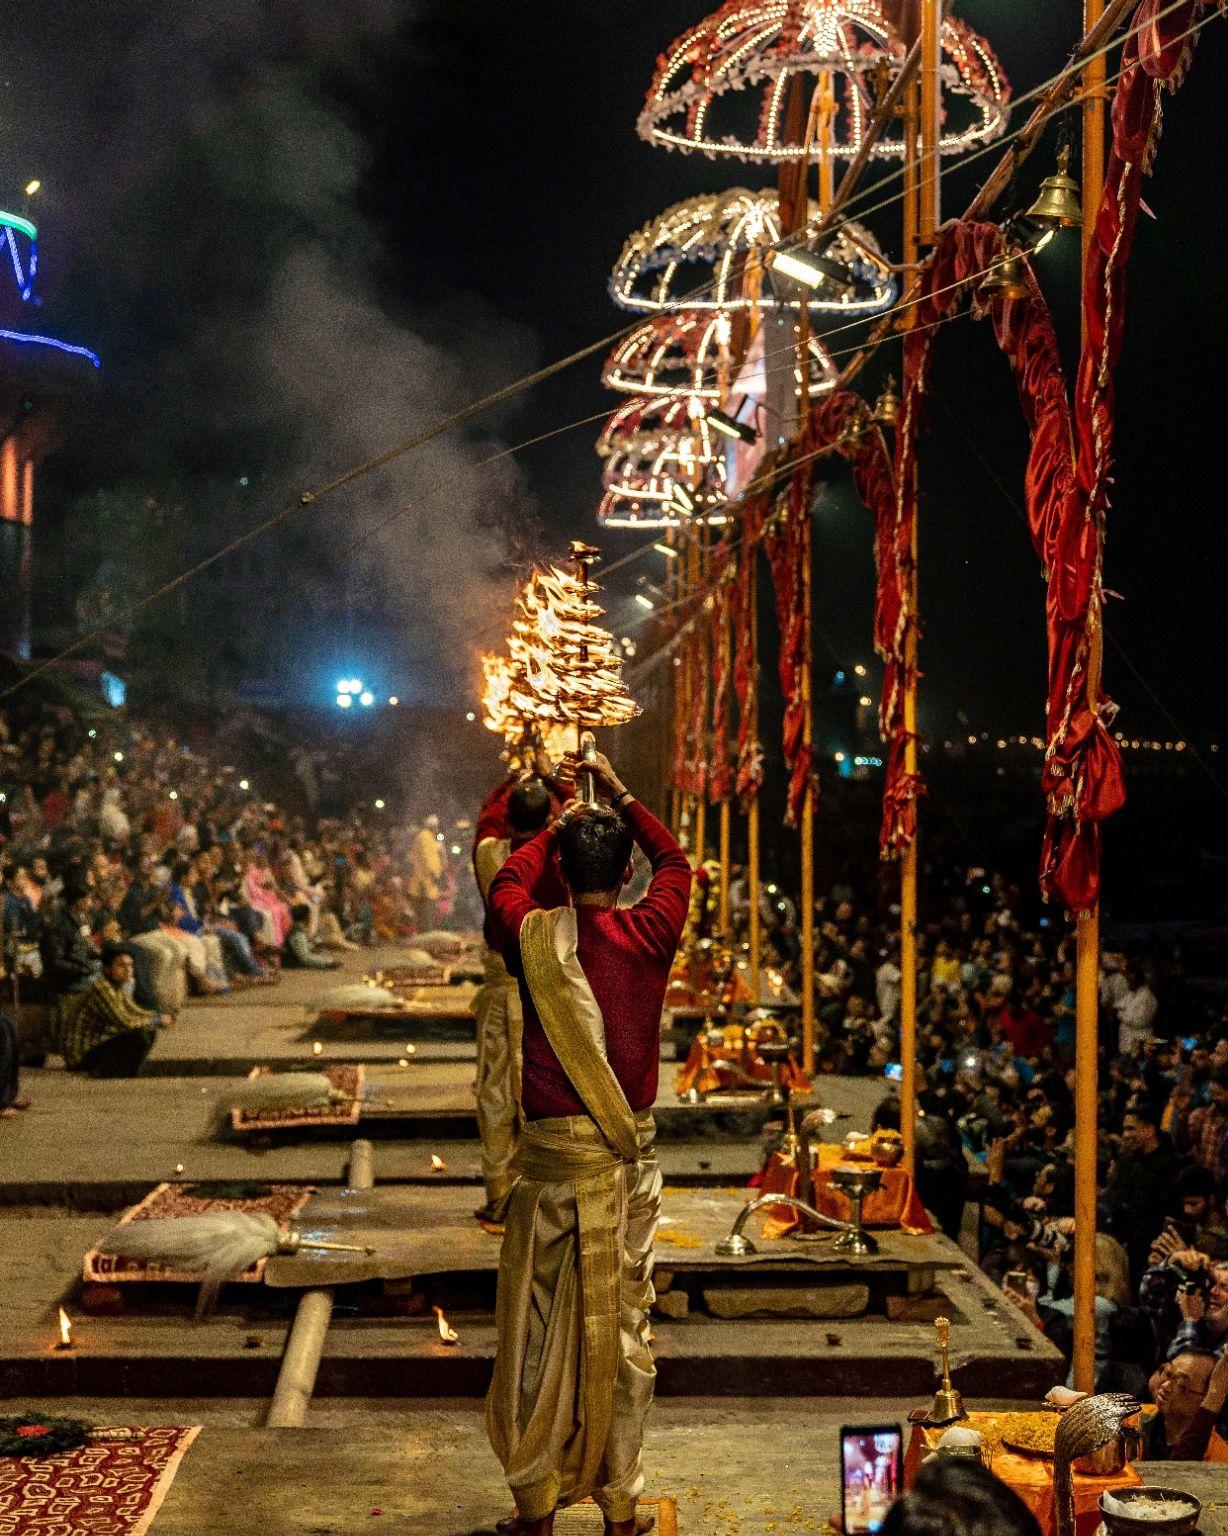 Photo of Varanasi By Raghav Rai Ralhan